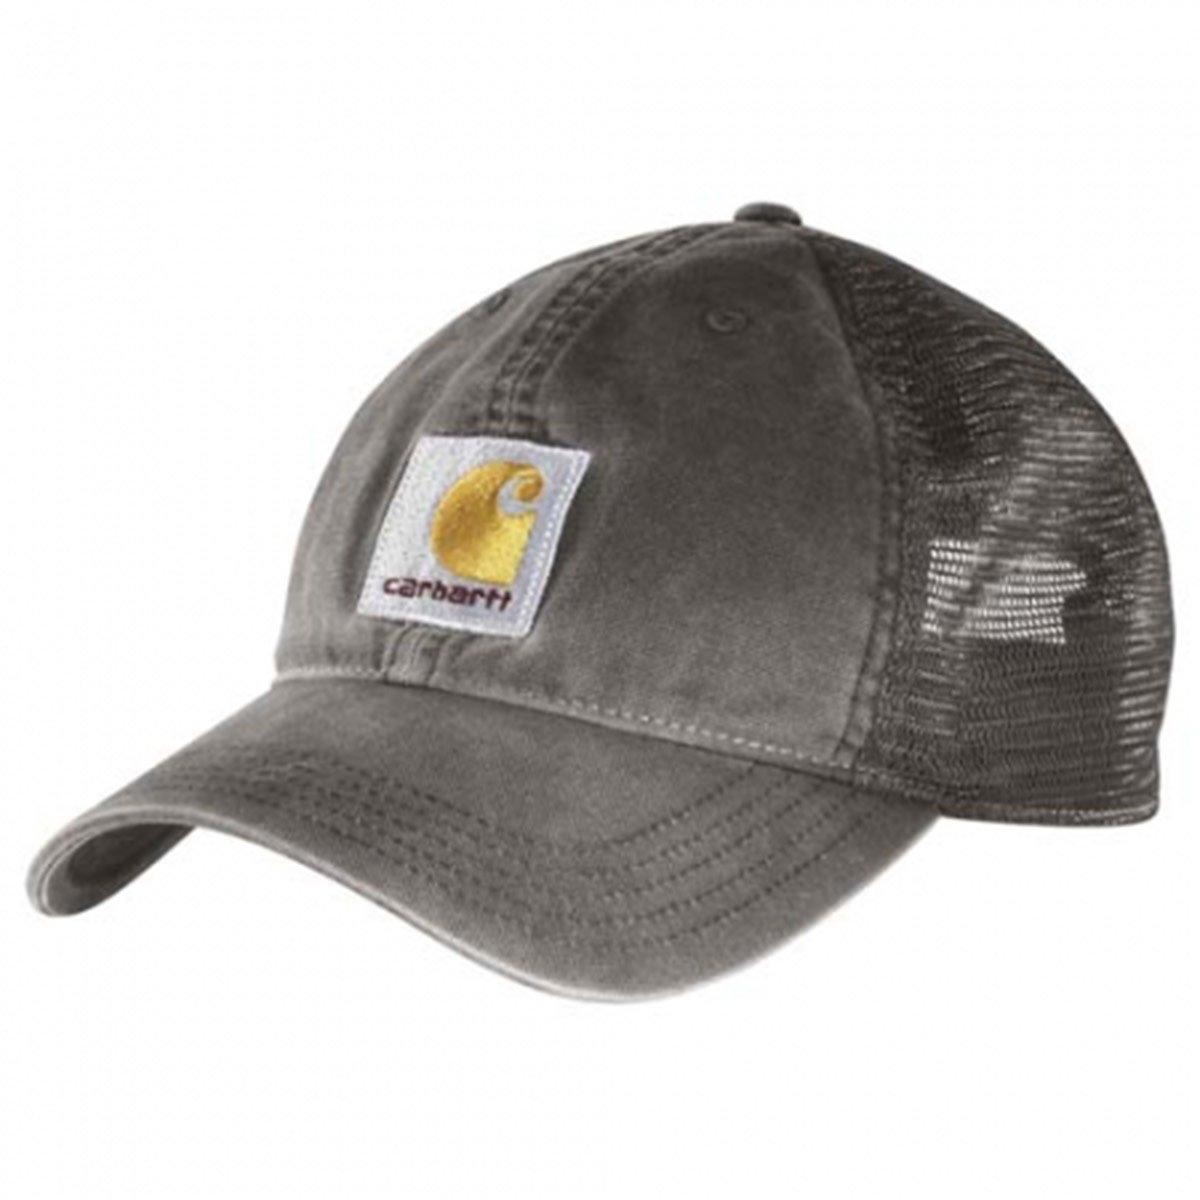 Carhartt Gorra Buffalo Gris CH100286GVL Sombrero Baseball Cap ...